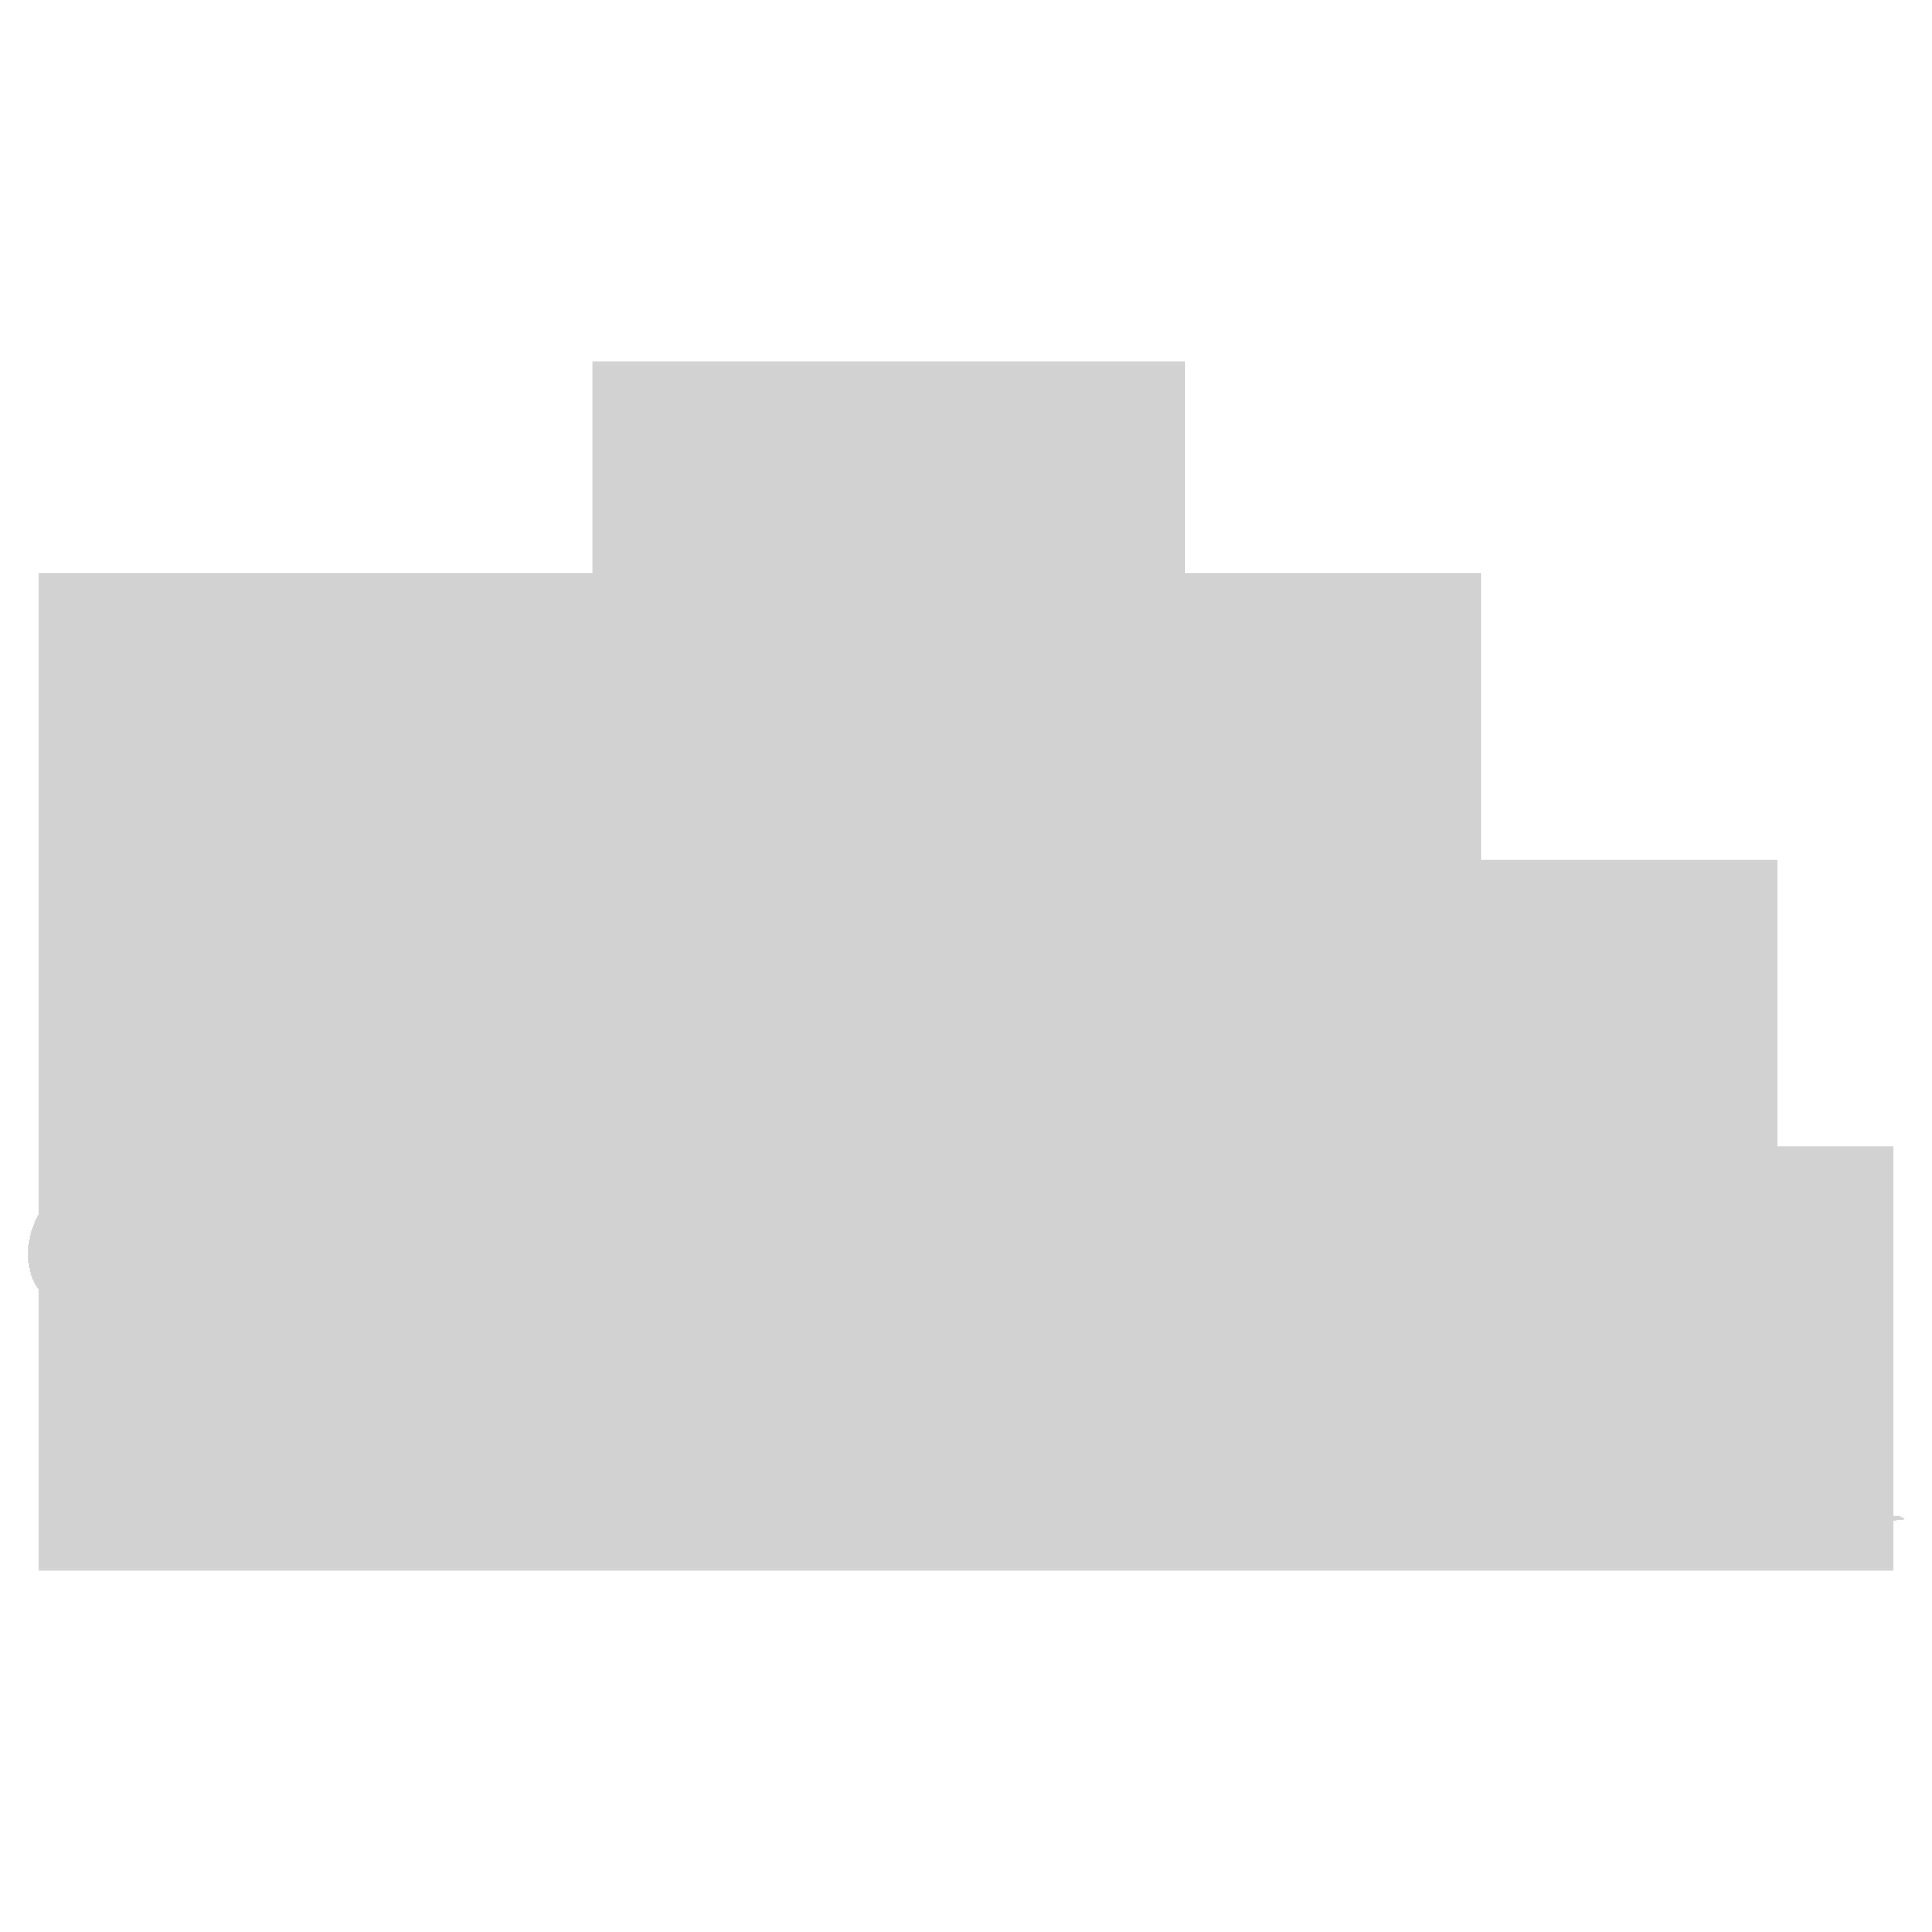 vivienne-westwood-1-logo-png-transparent.png